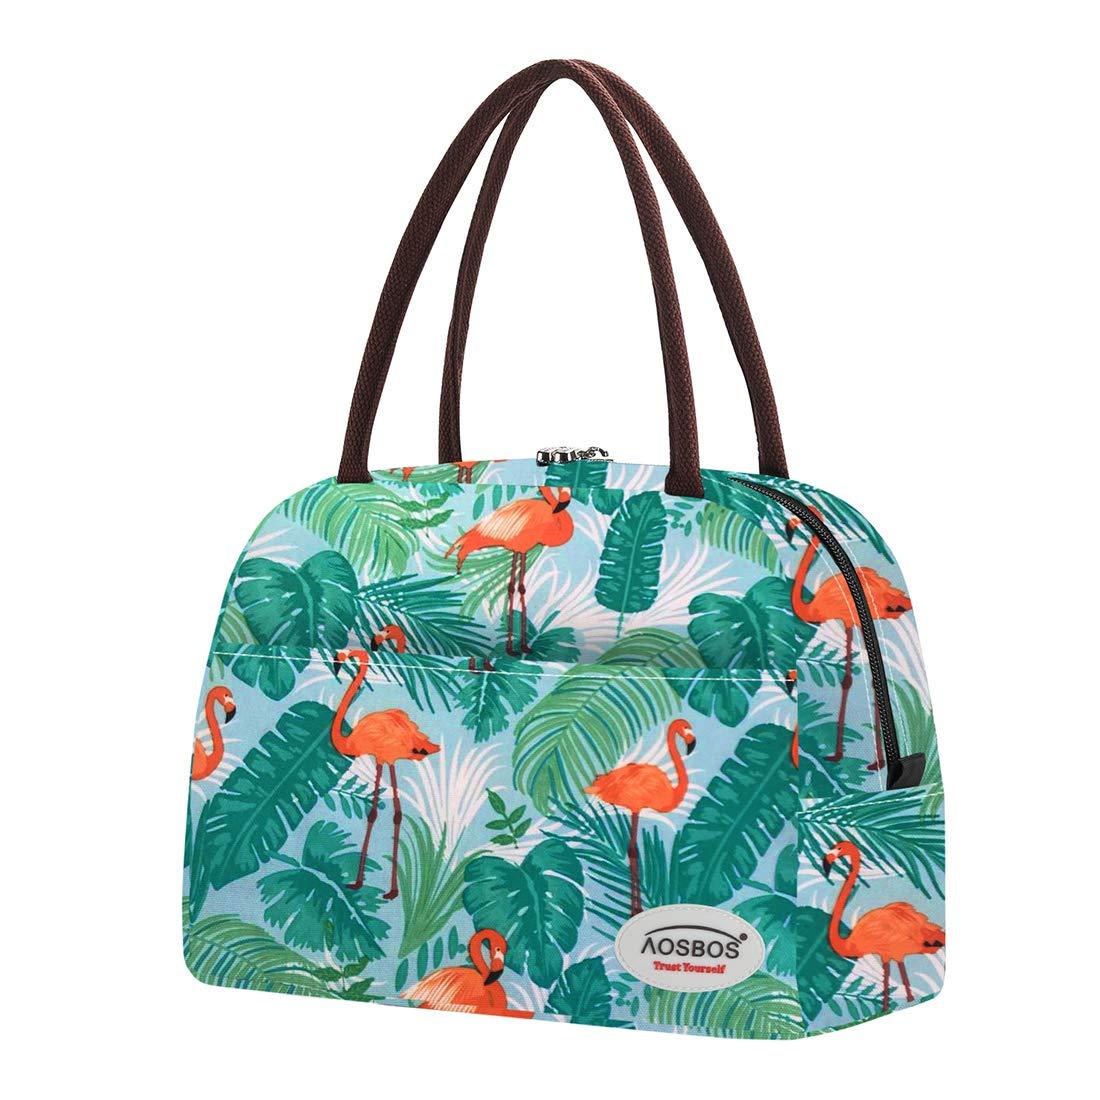 Aosbos Borsa da Pranzo Cool Bag Donna Borsa Termica Portatile Portapranzo per Ufficio Picnic Campeggio